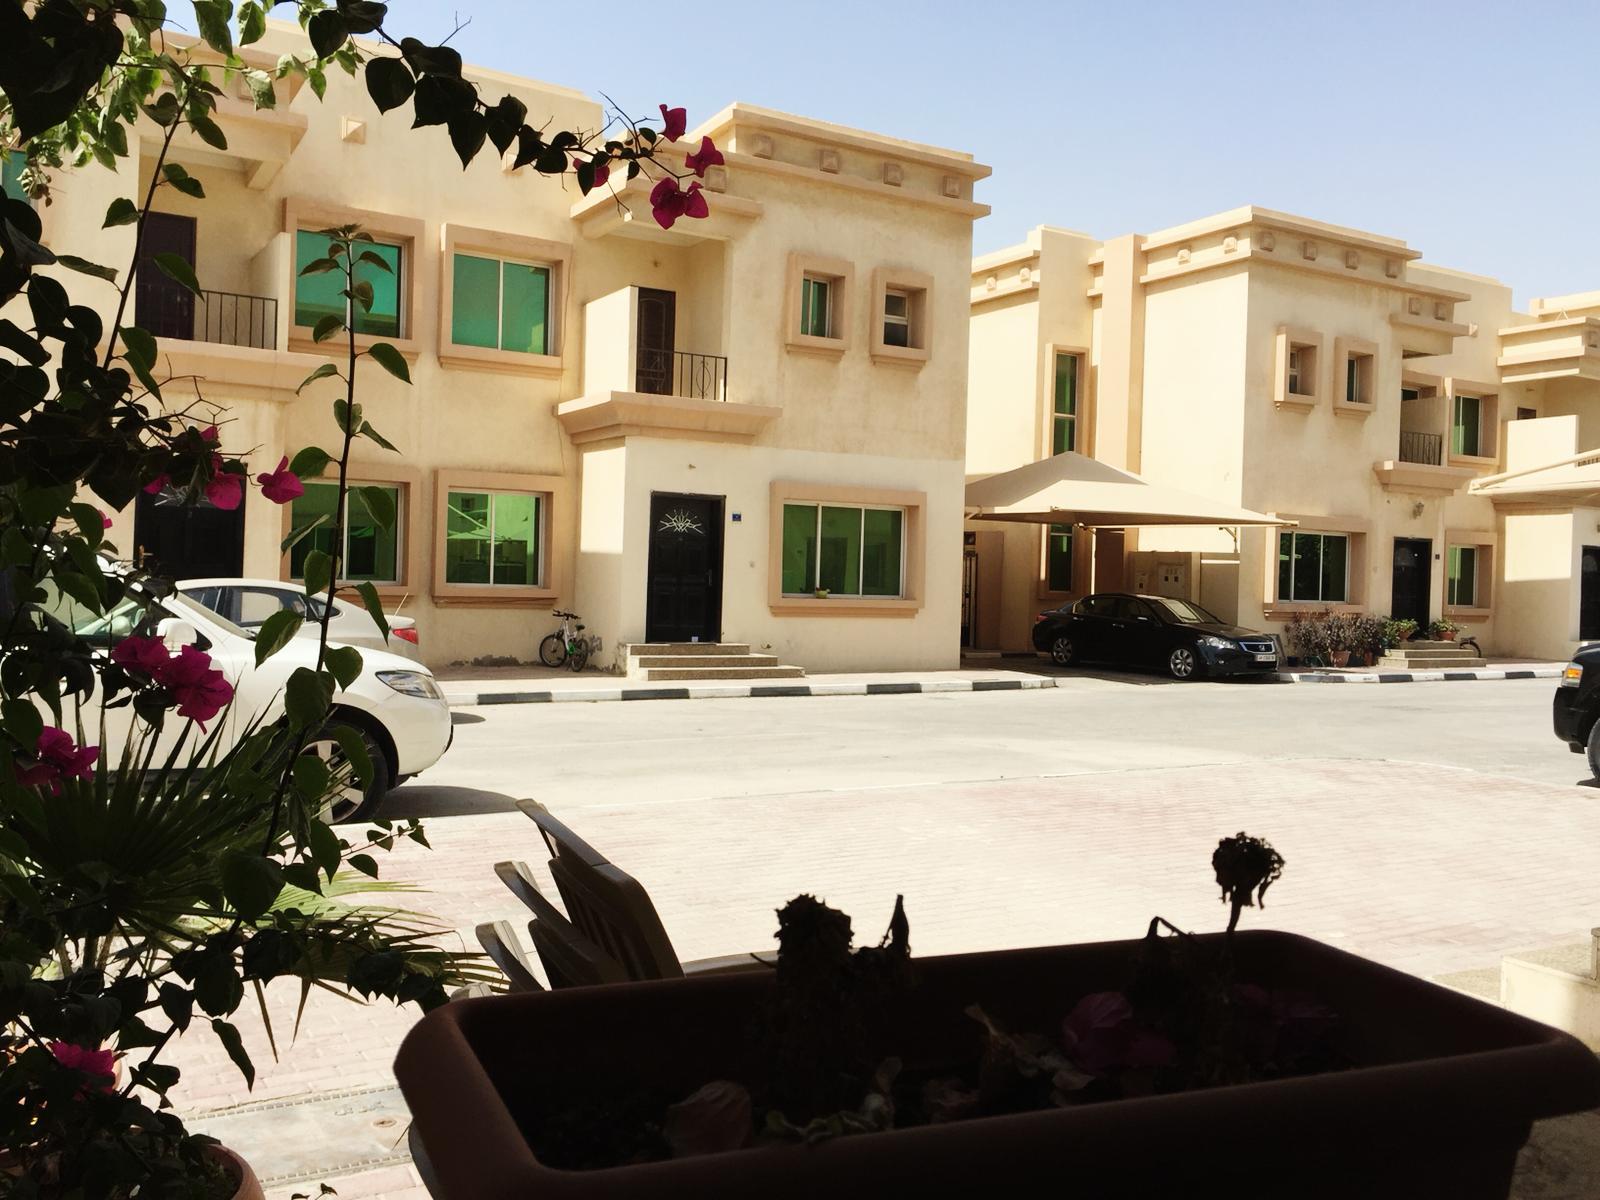 Compound villa in gharrafah - 3 BHK